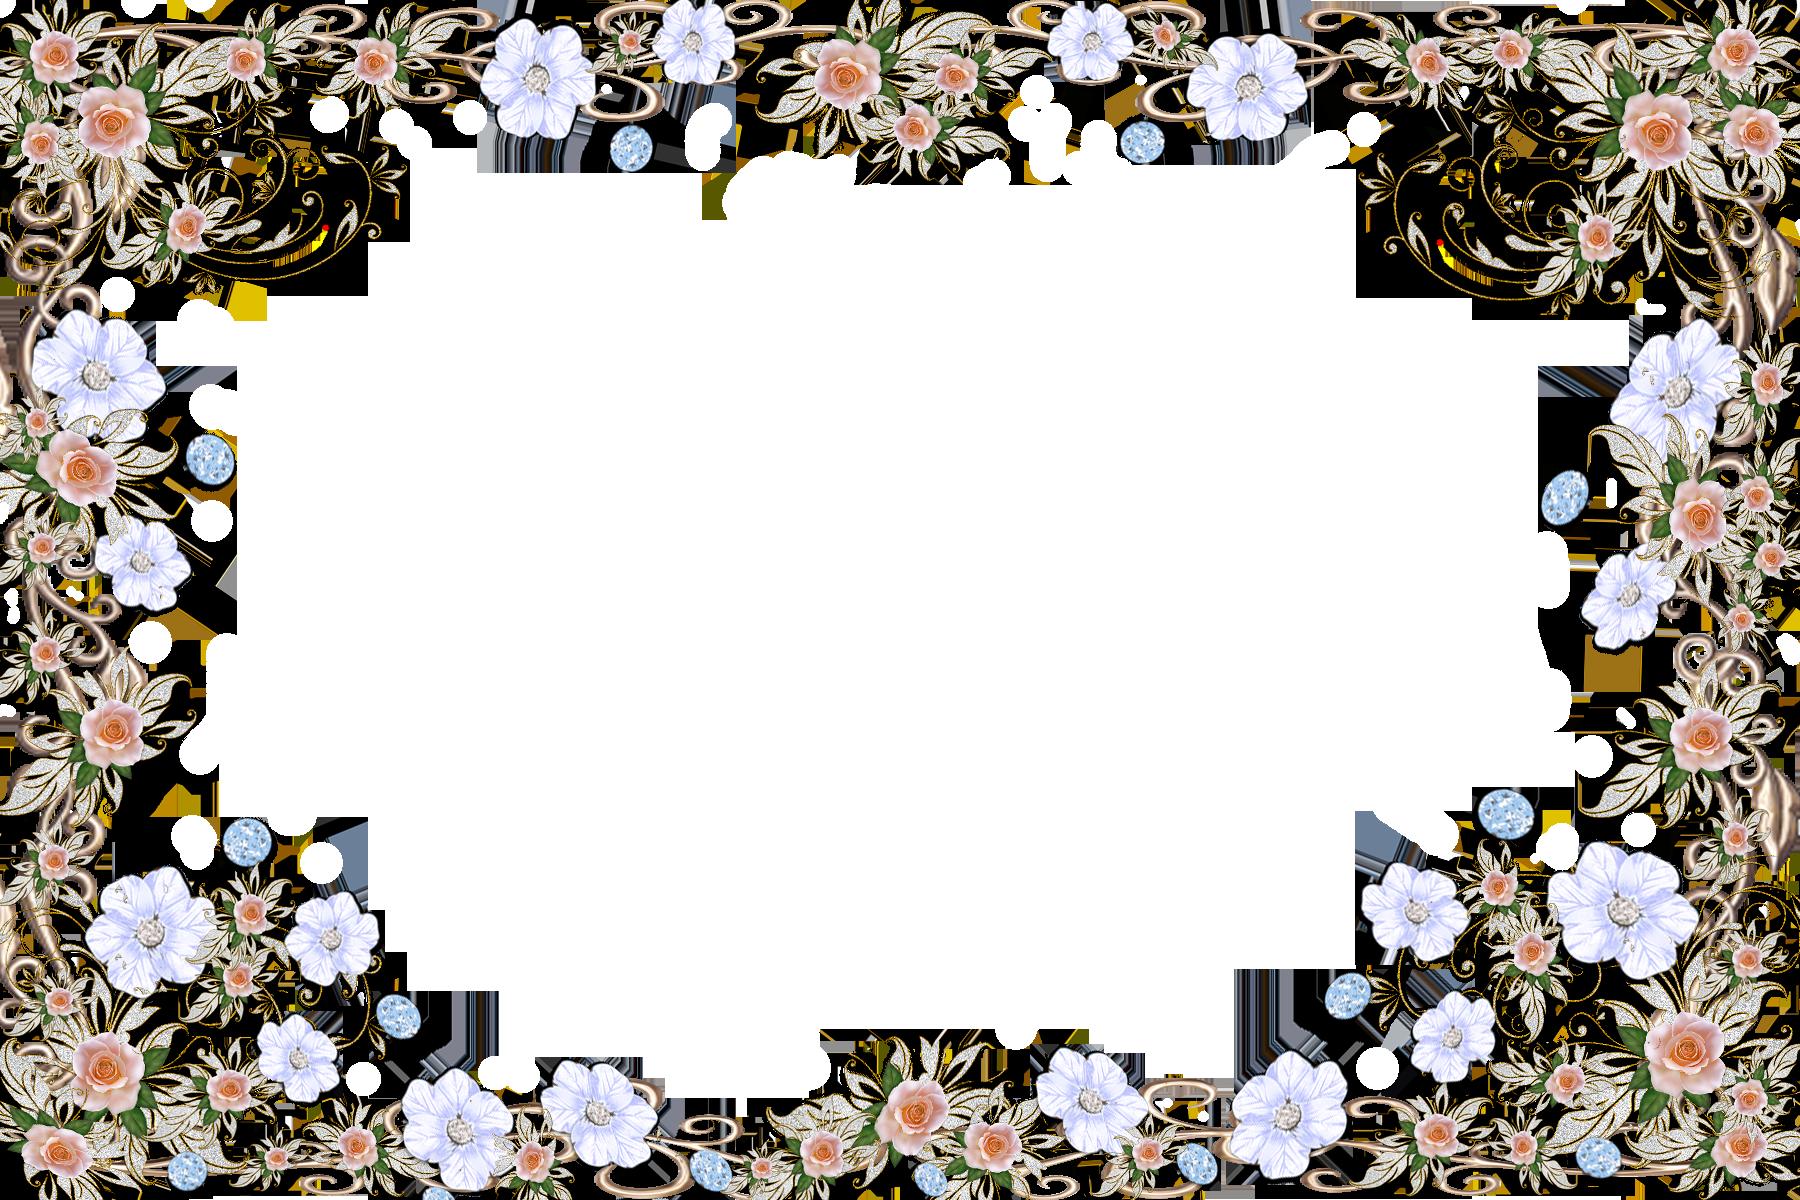 Картинки рамки красивые для фотошопа с юбилеем женщине